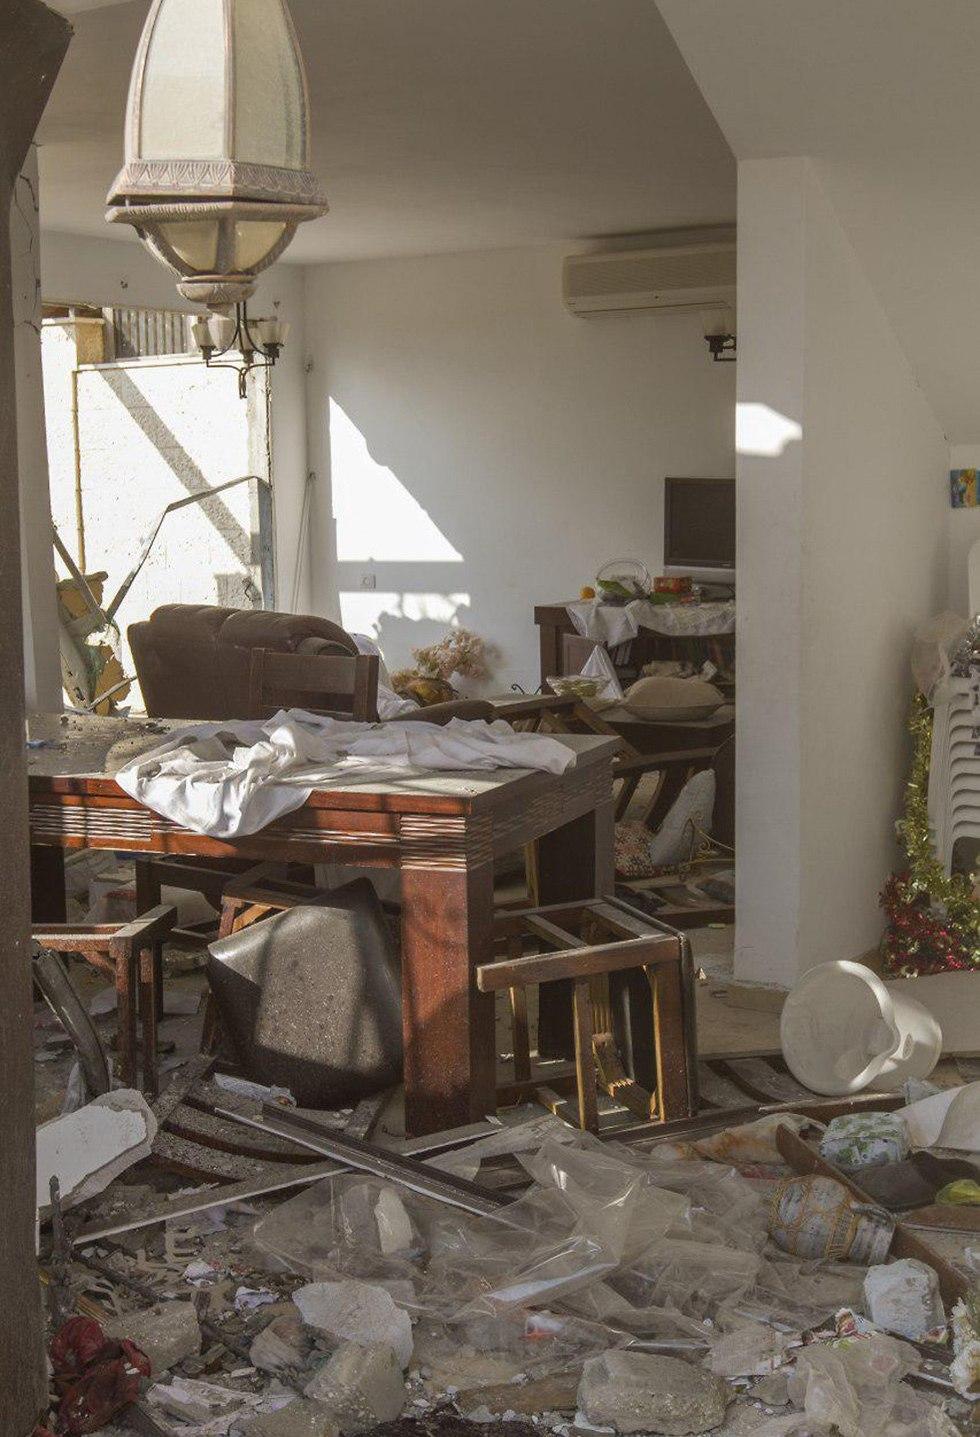 נזק לבית בבאר שבע שנפגע מרקטה שנורתה מרצועת עזה (צילום: עידו ארז)